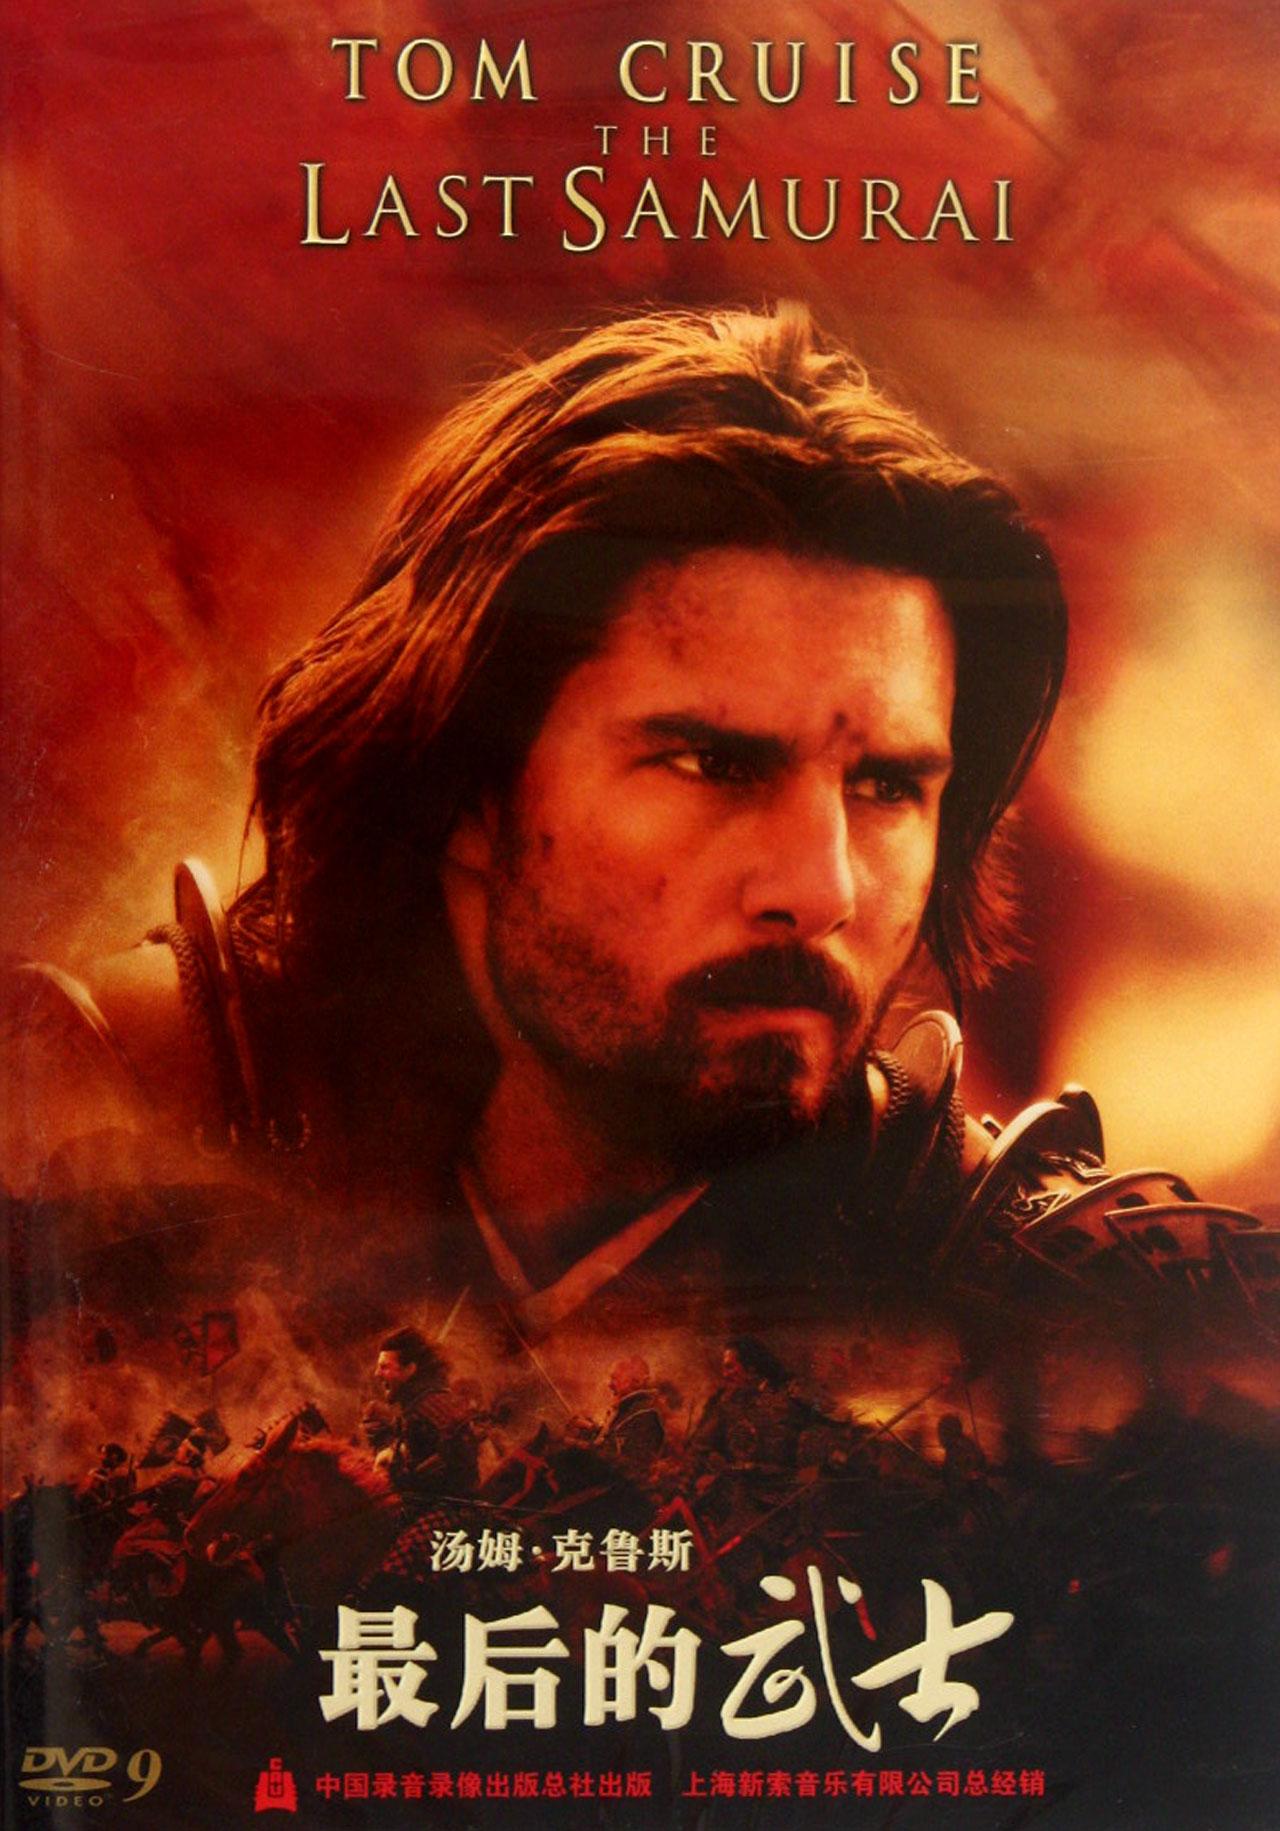 dvd-9最后的武士